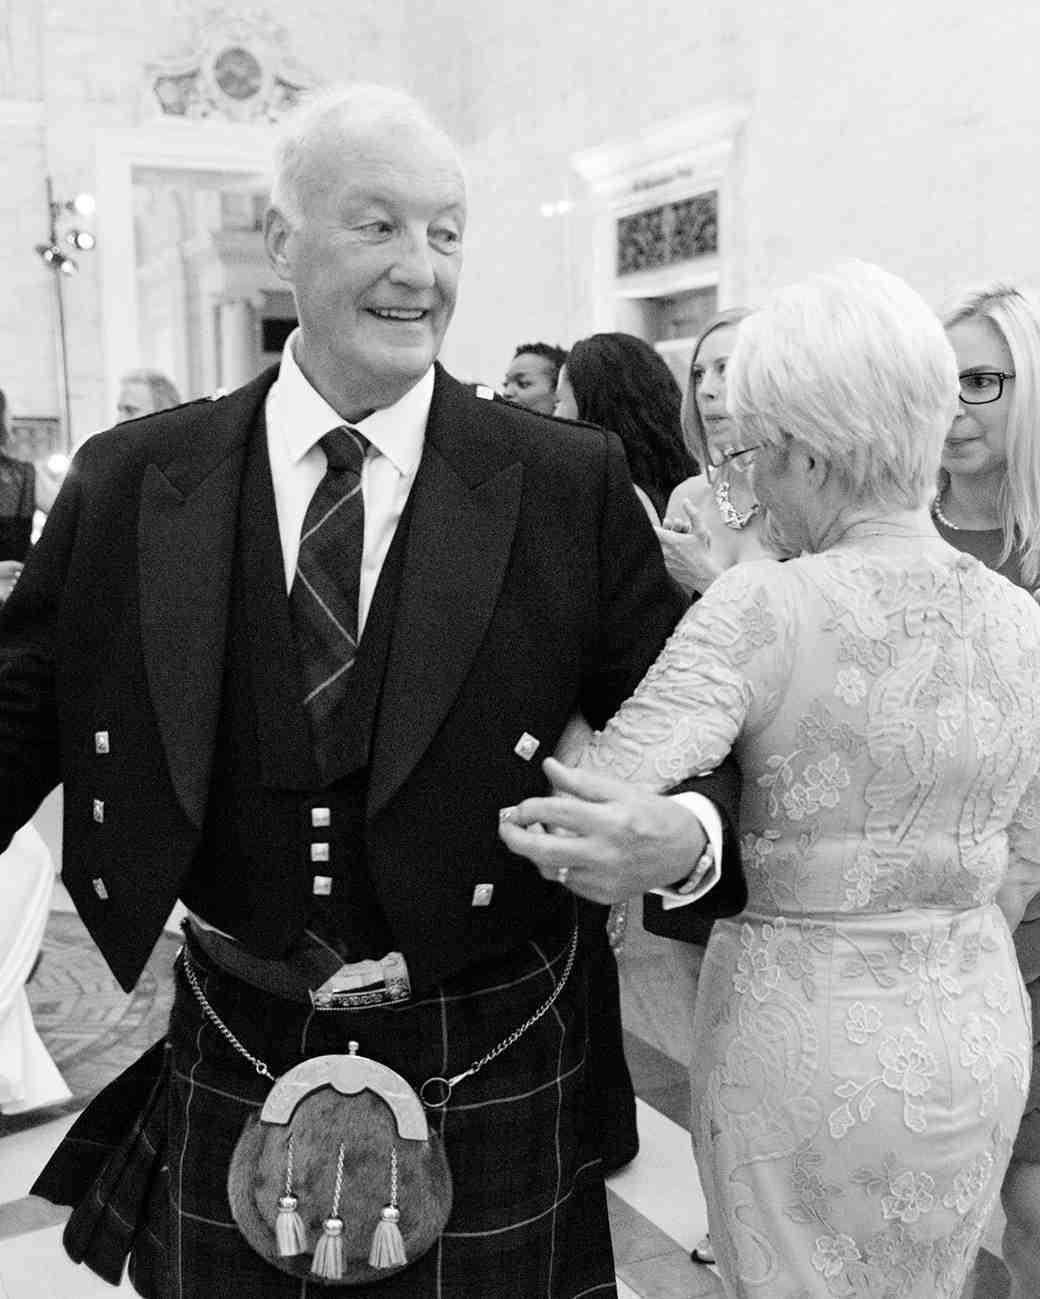 meki ian wedding ceilidh dance